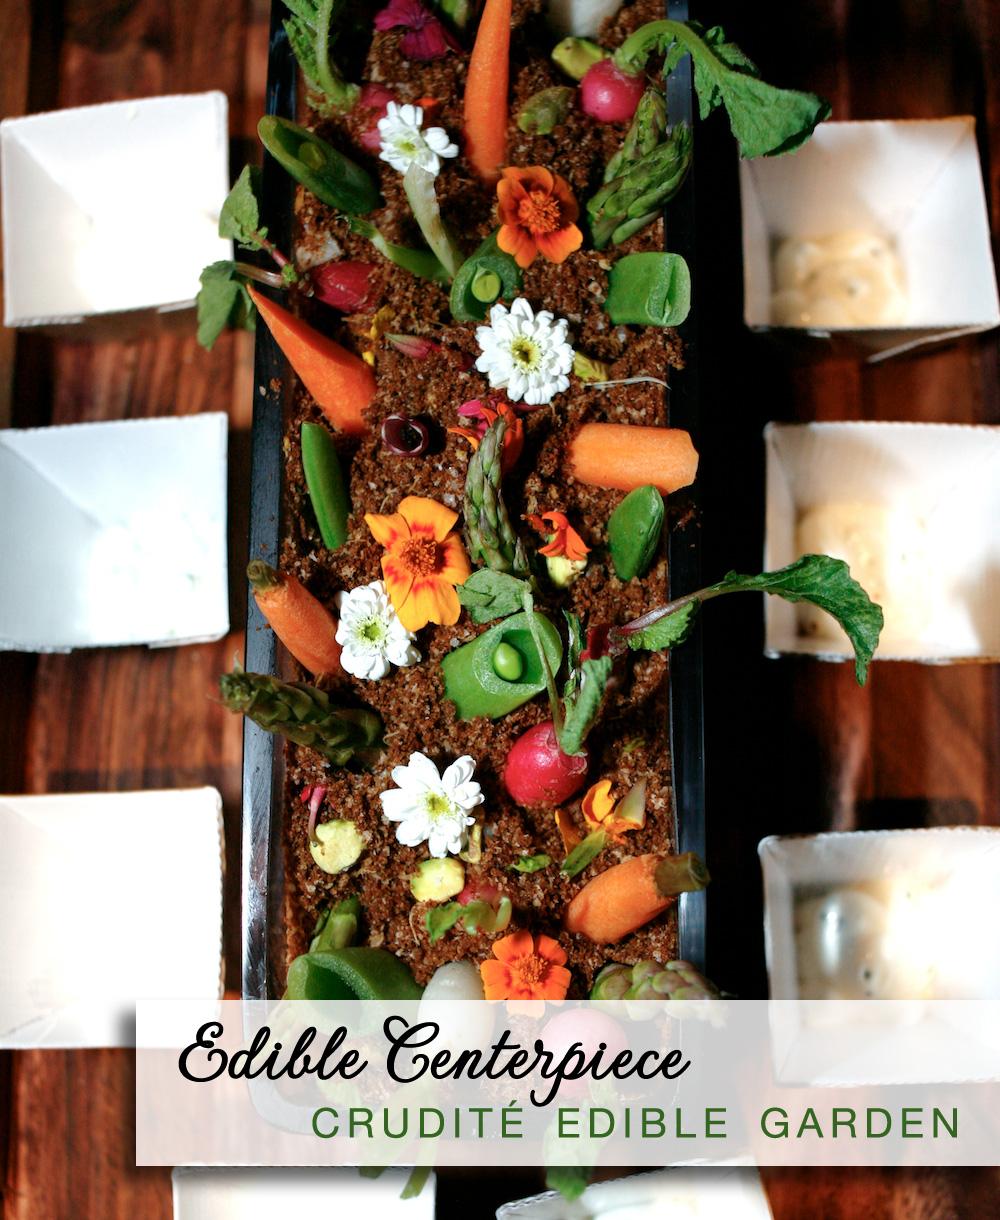 Edible Wedding Centerpieces : crudité edible garden with pumpernickel dirt | by Josh Tierney